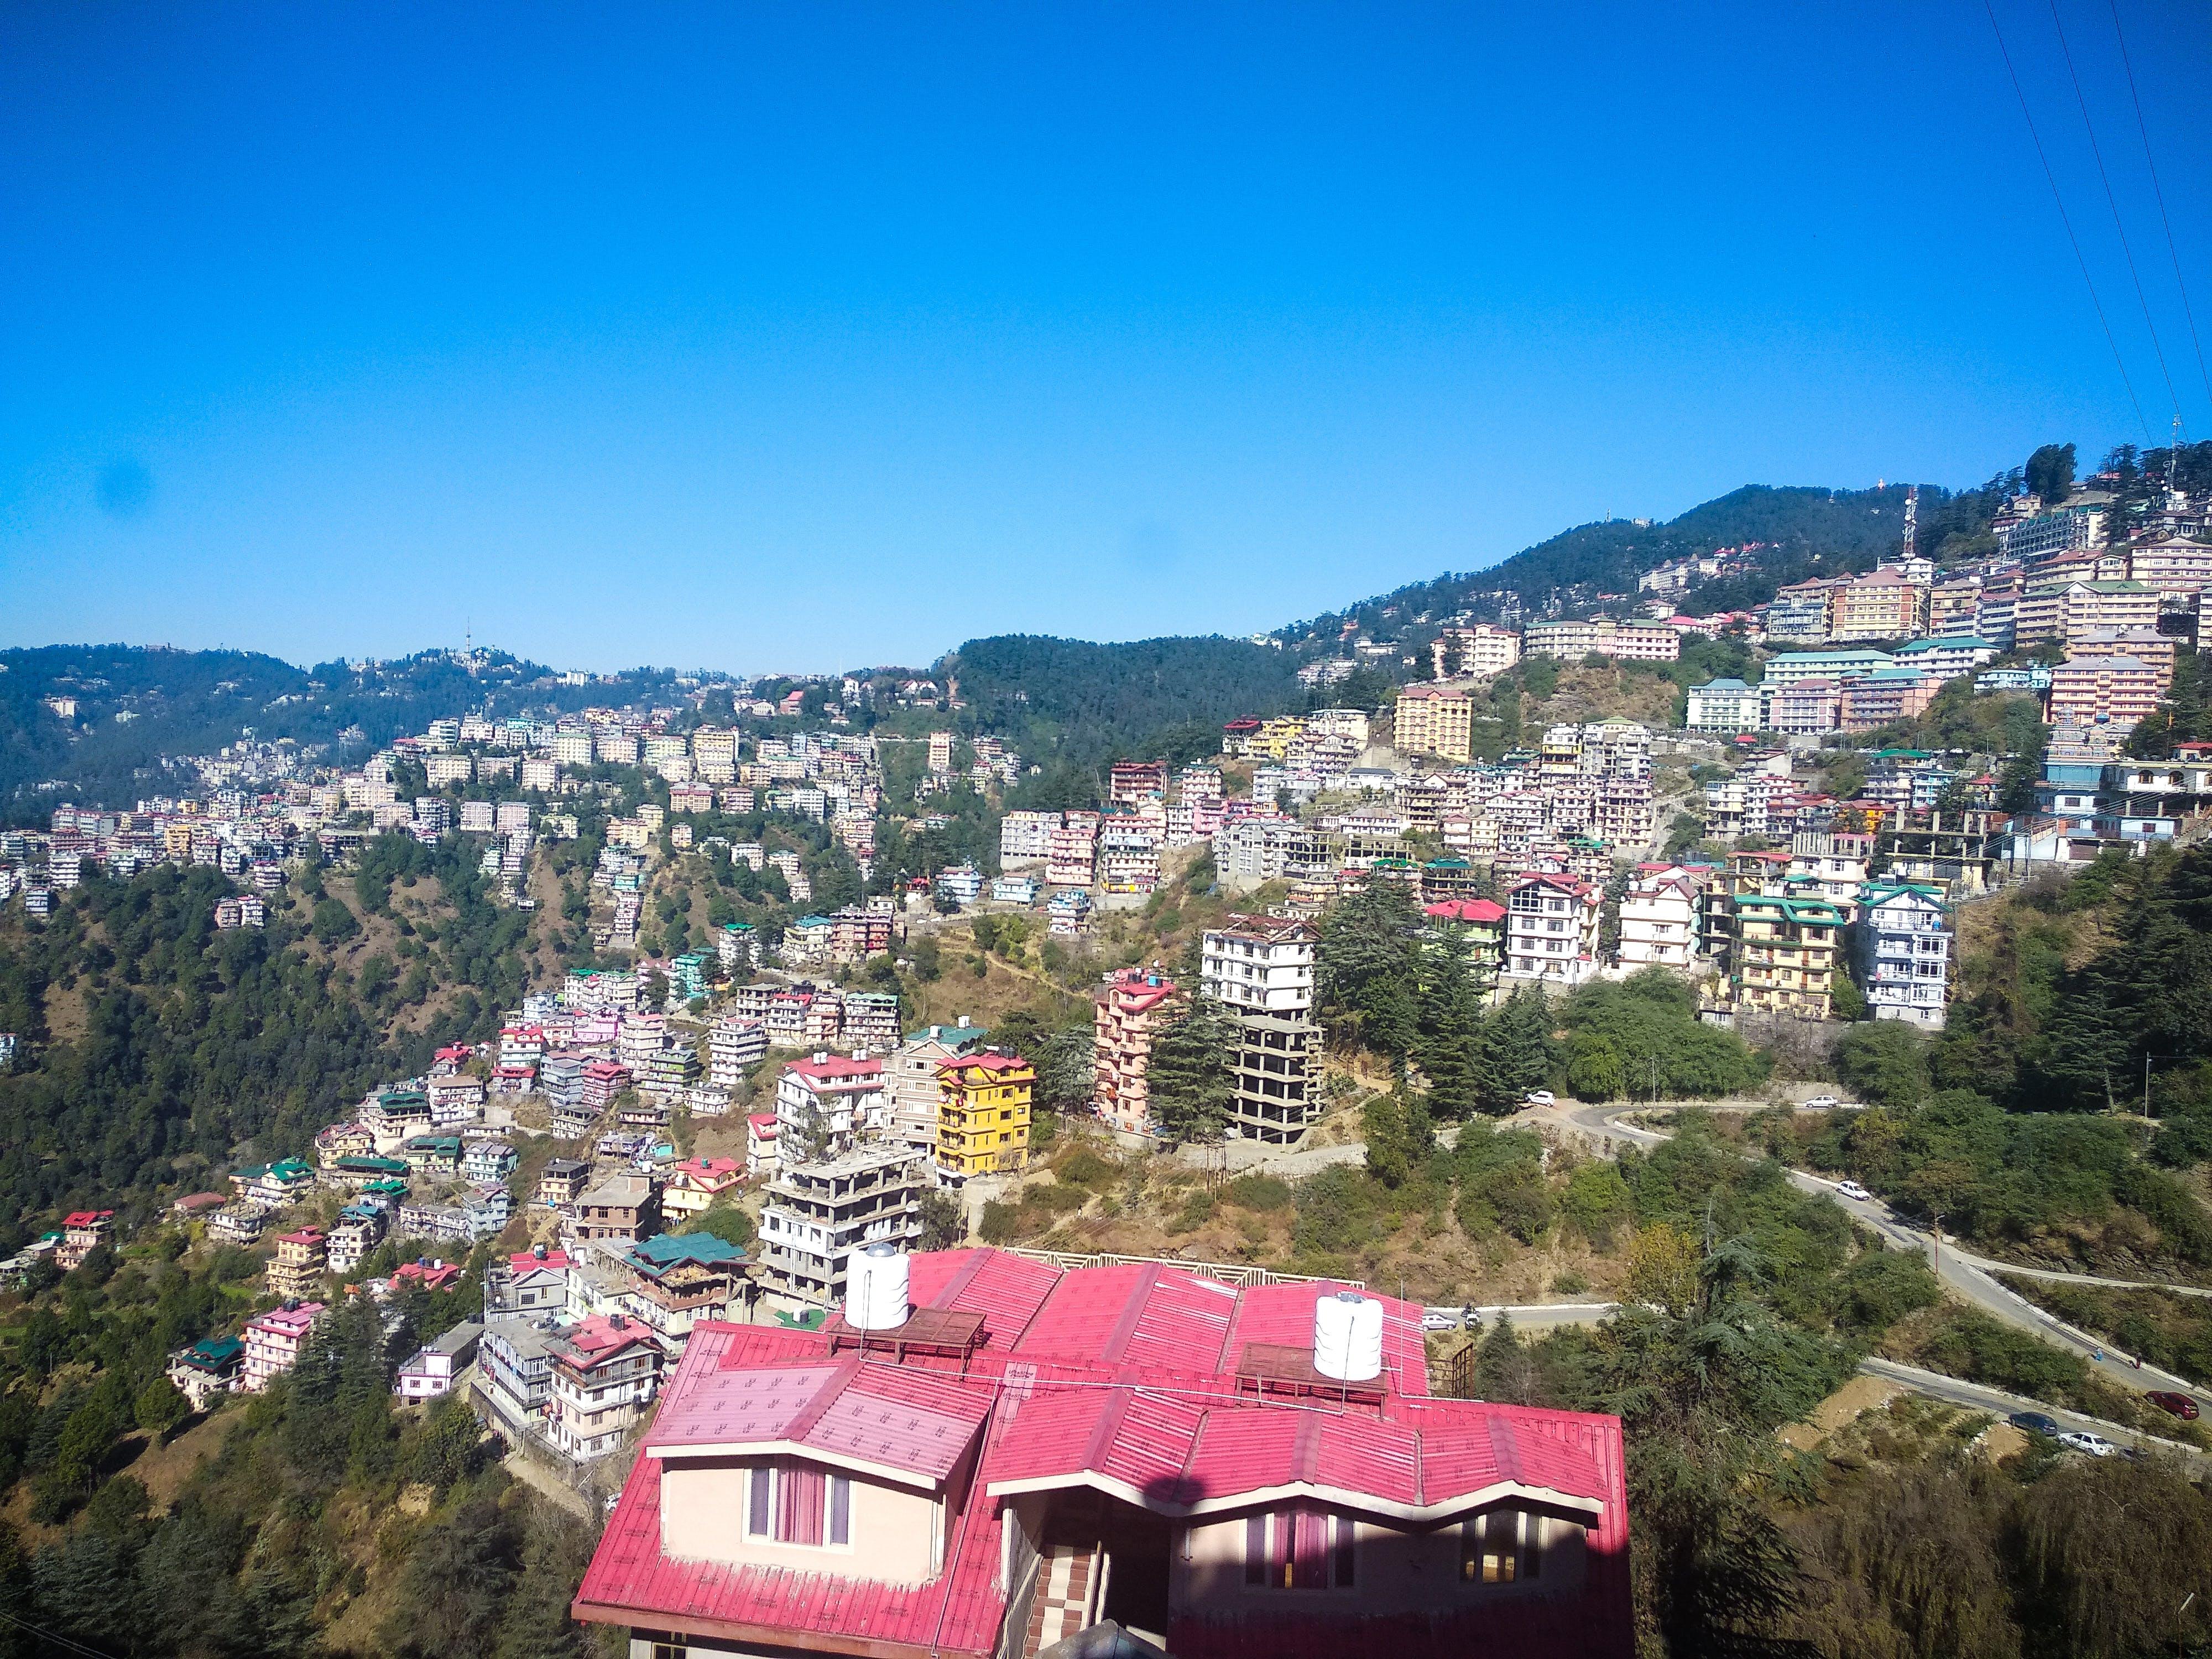 건물, 소도시, 언덕, 자연 배경의 무료 스톡 사진